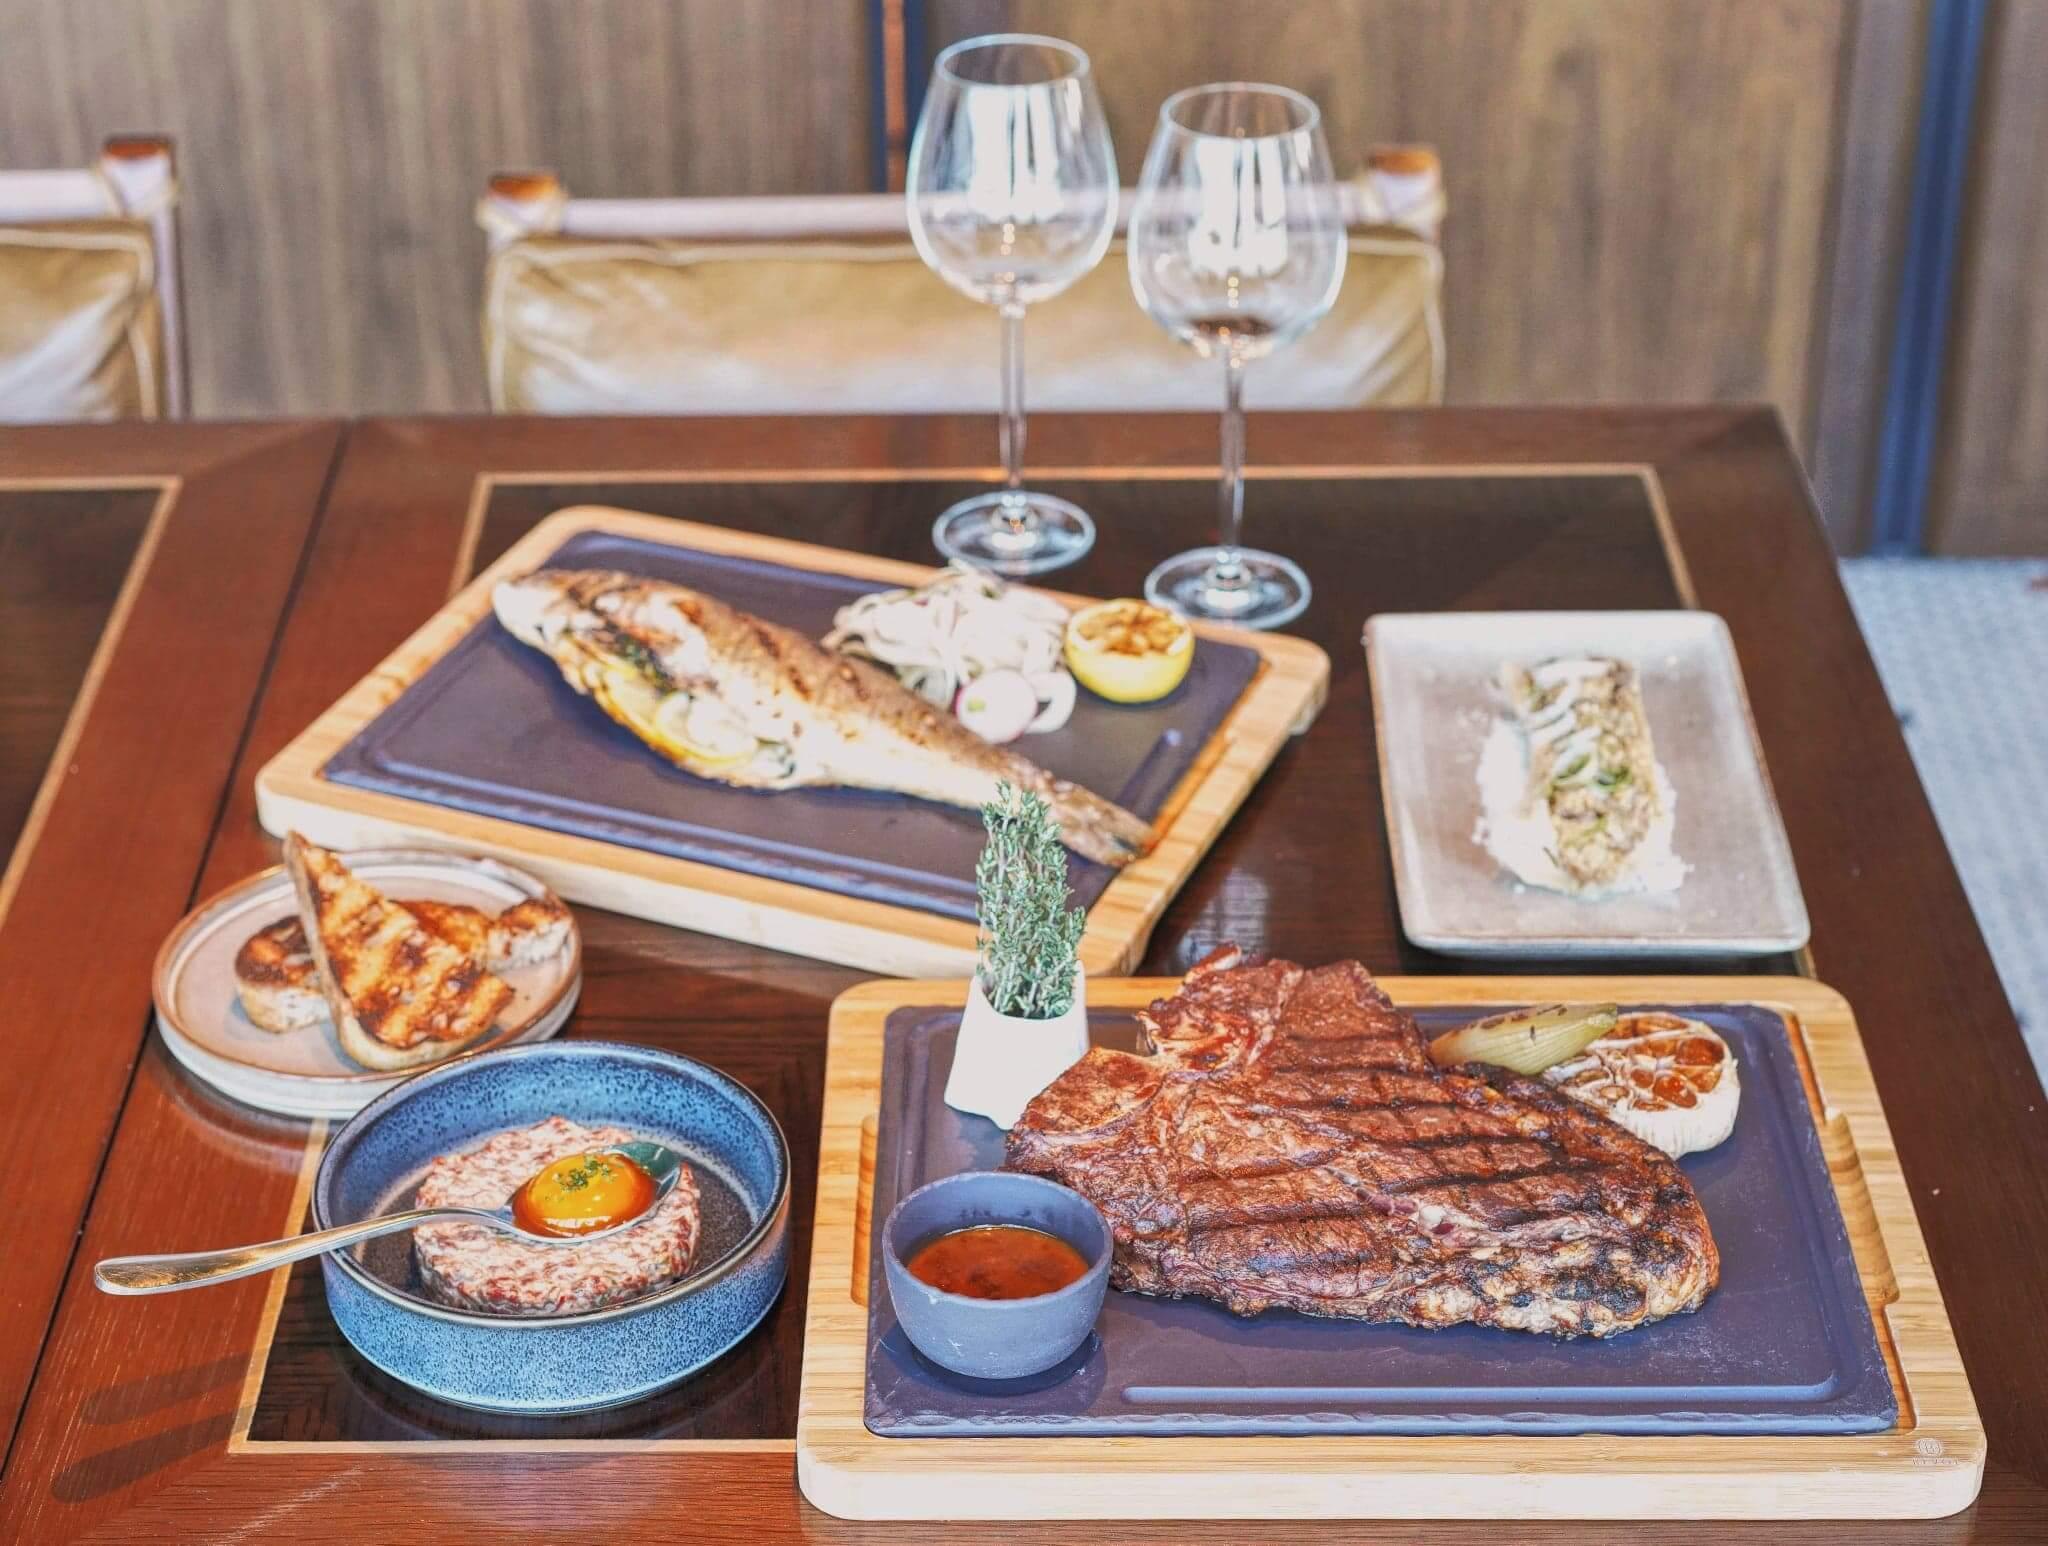 作為東涌世茂喜來登酒店嘅頂層餐廳,Sunset Grill無論食物質素或環境都非常高質。